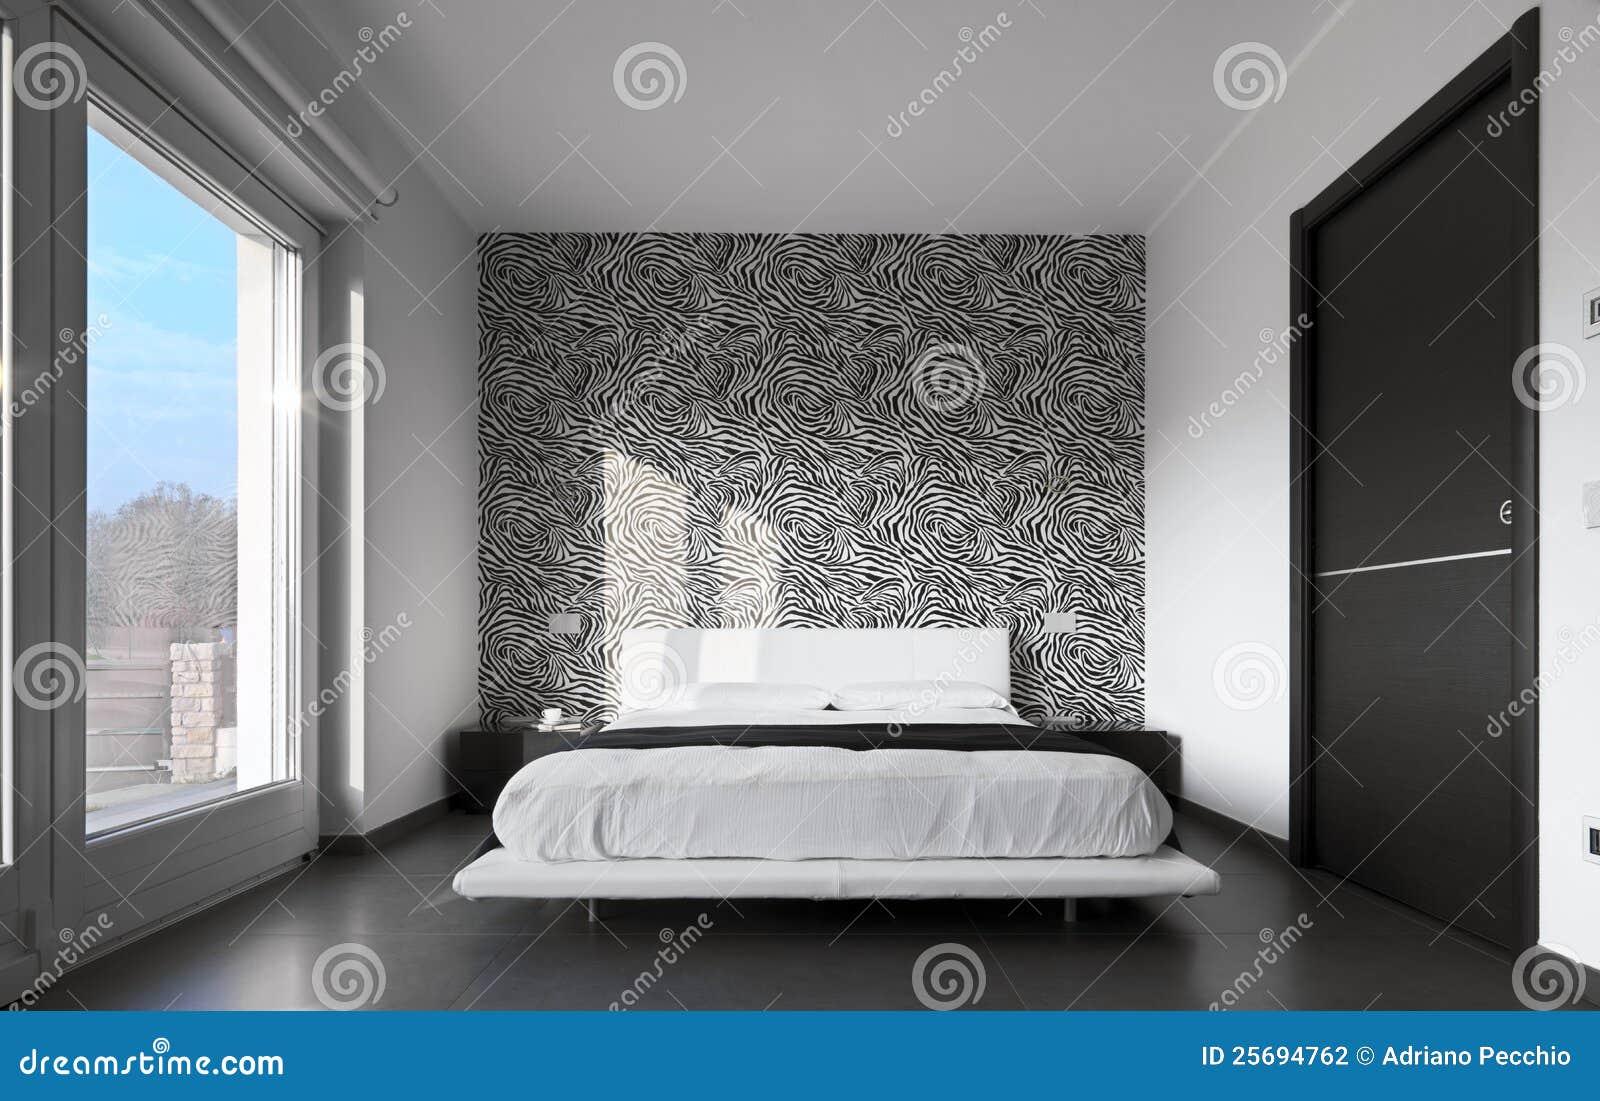 Quarto moderno com papel de parede fotografia de stock - Papel de pared moderno ...